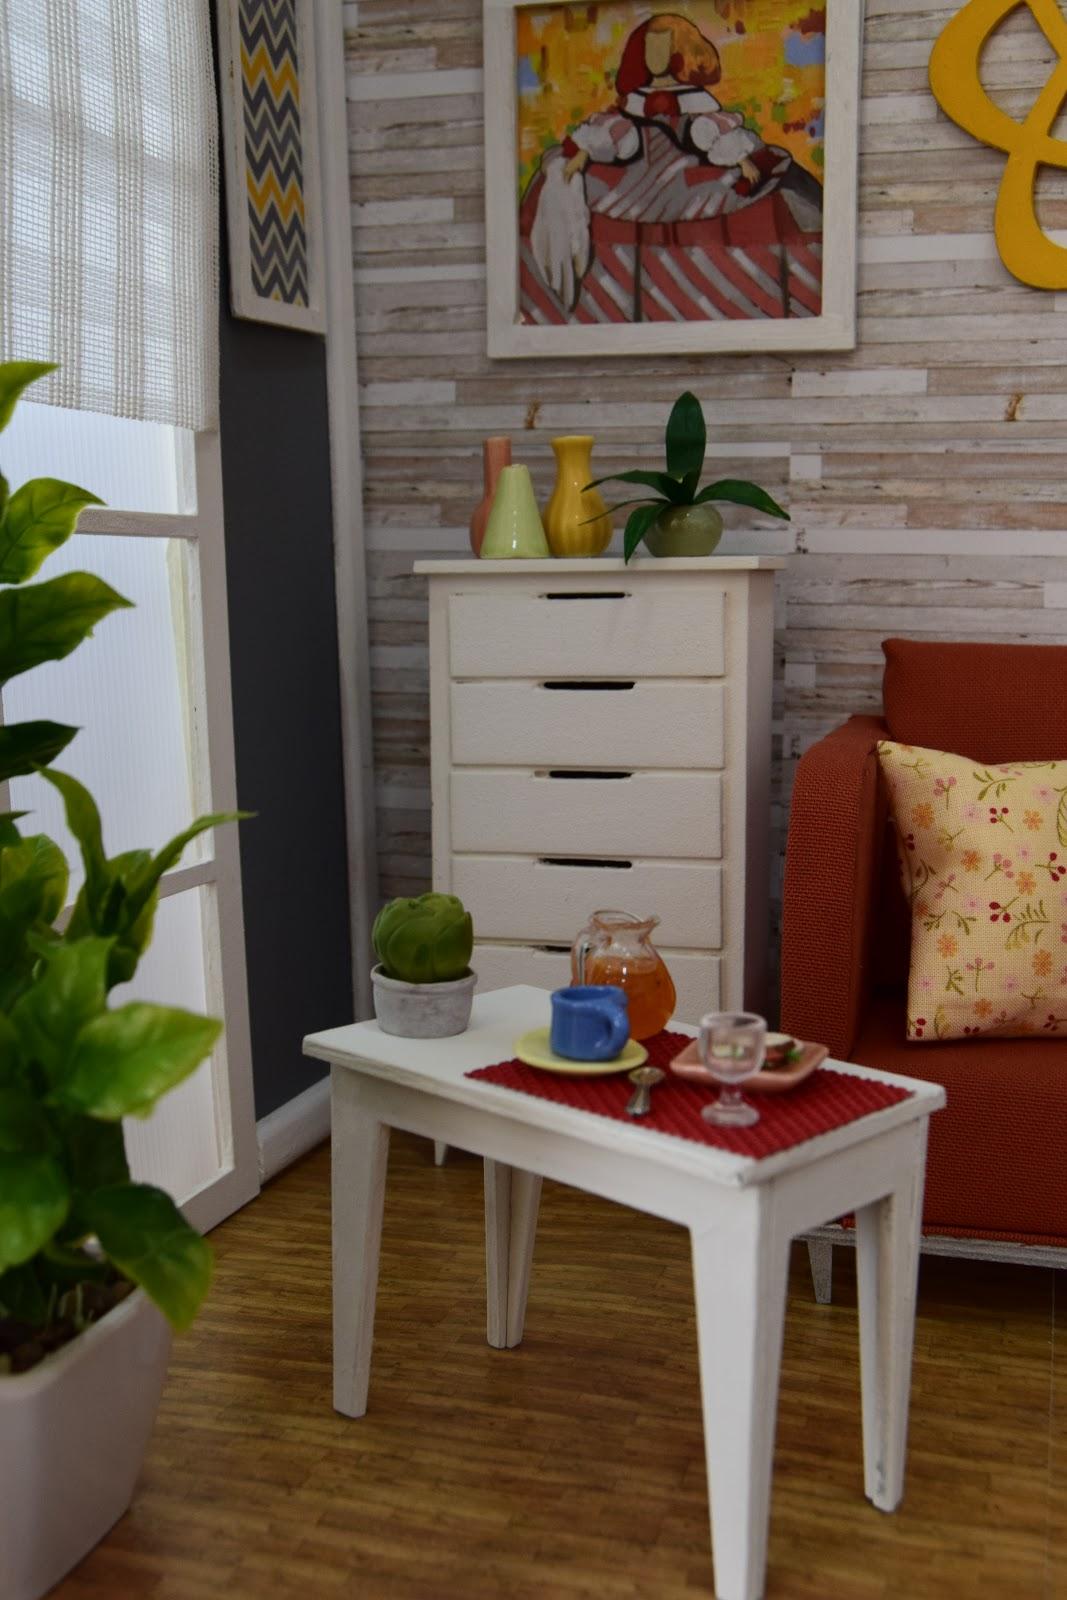 Muebles y complementos en escala 1 6 an orange armchair for Muebles y complementos